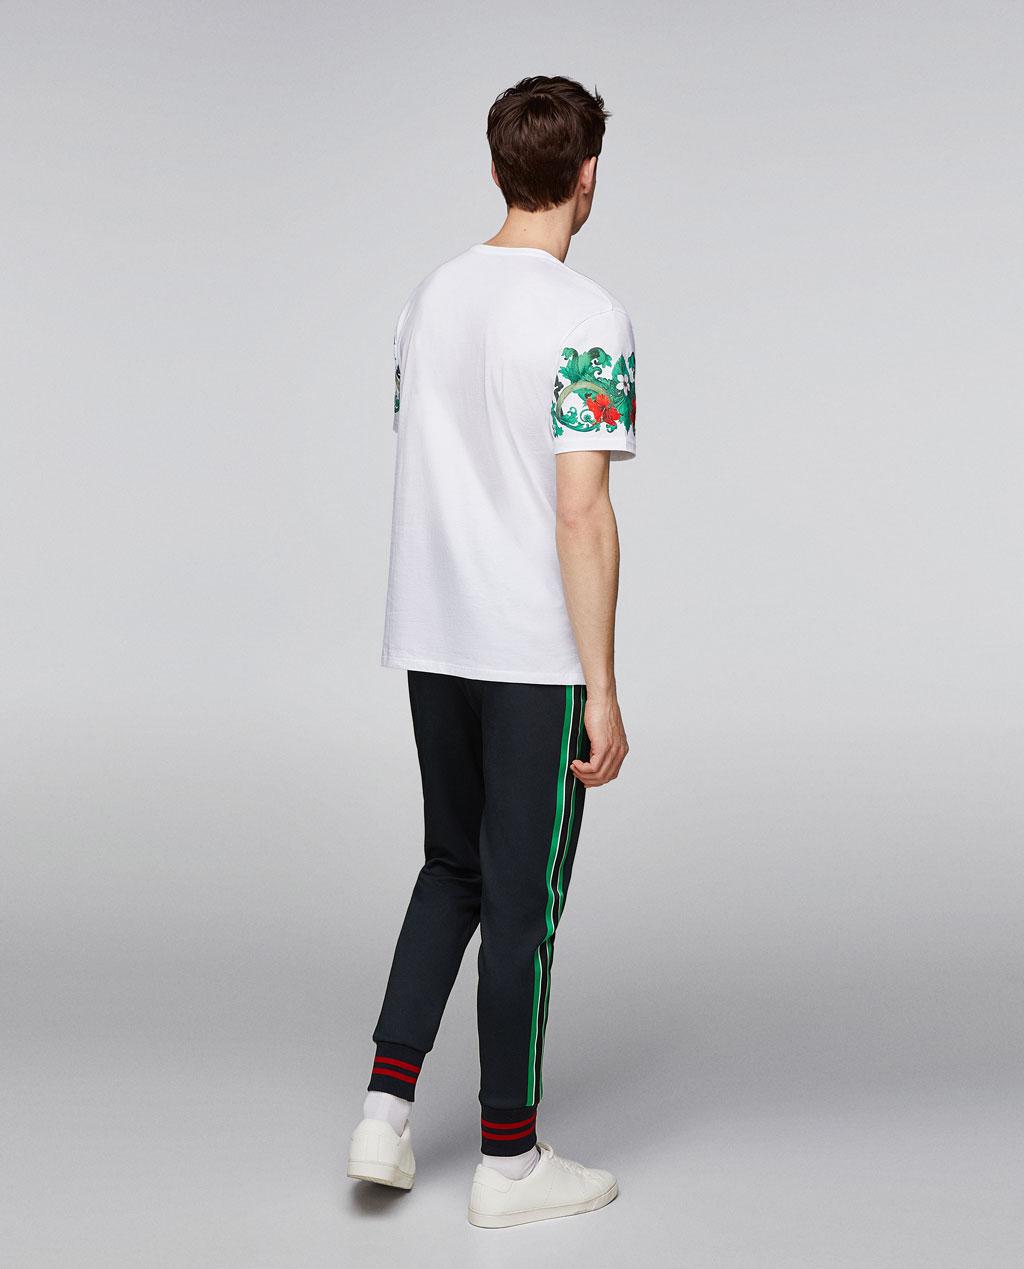 Thời trang nam Zara  24005 - ảnh 5